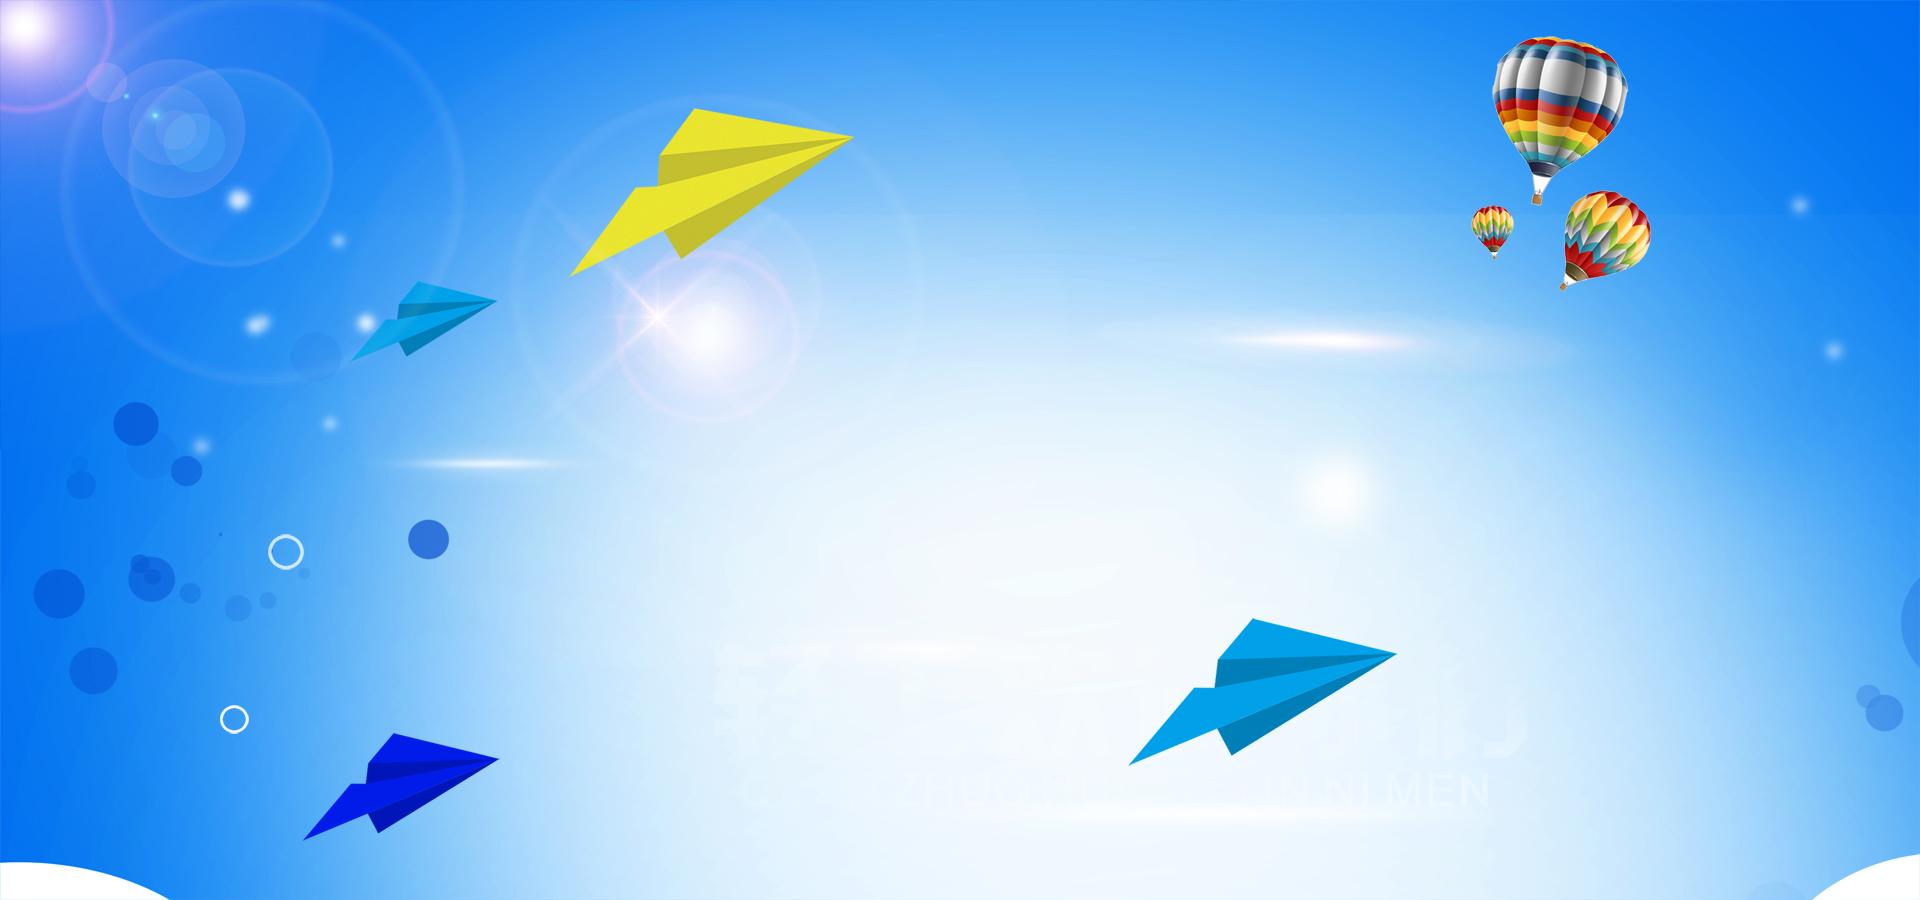 carte bleue de l  u00e9ducation des enfants de fond bleu l